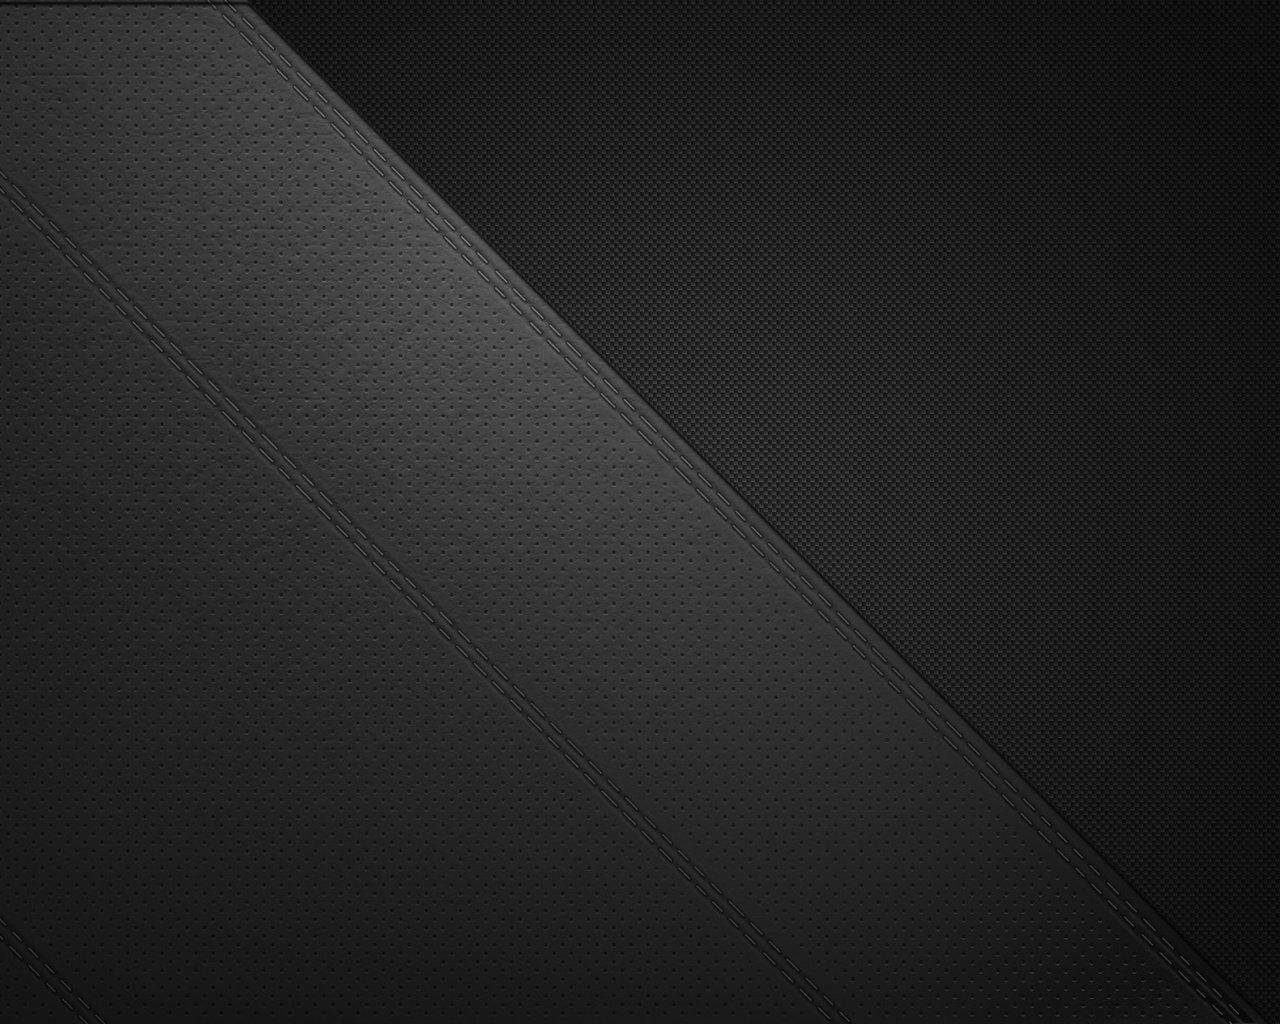 Текстура черная полосы  № 1312684 бесплатно